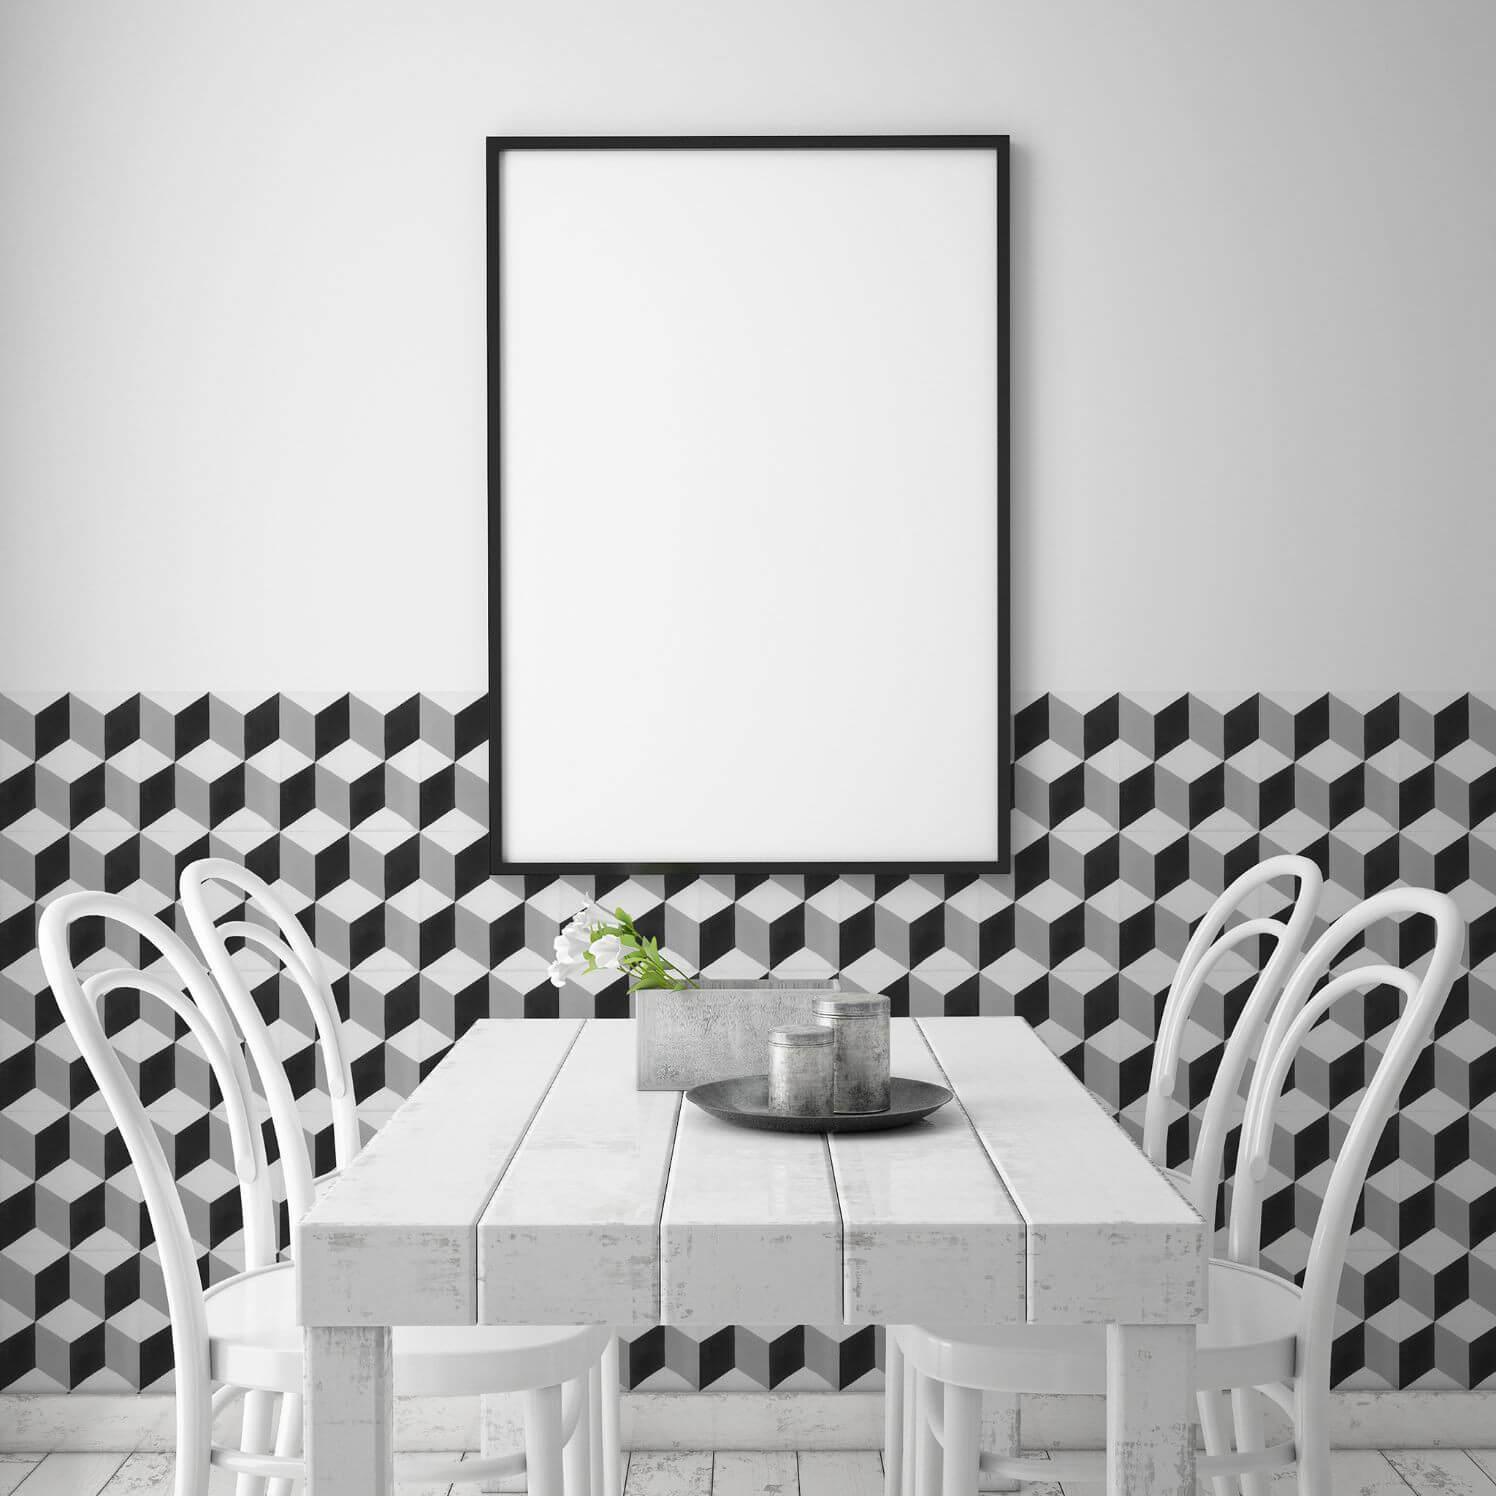 Carrelage sol et mur aspect carreau ciment noir et blanc Barcelona Cube 25x25 cm